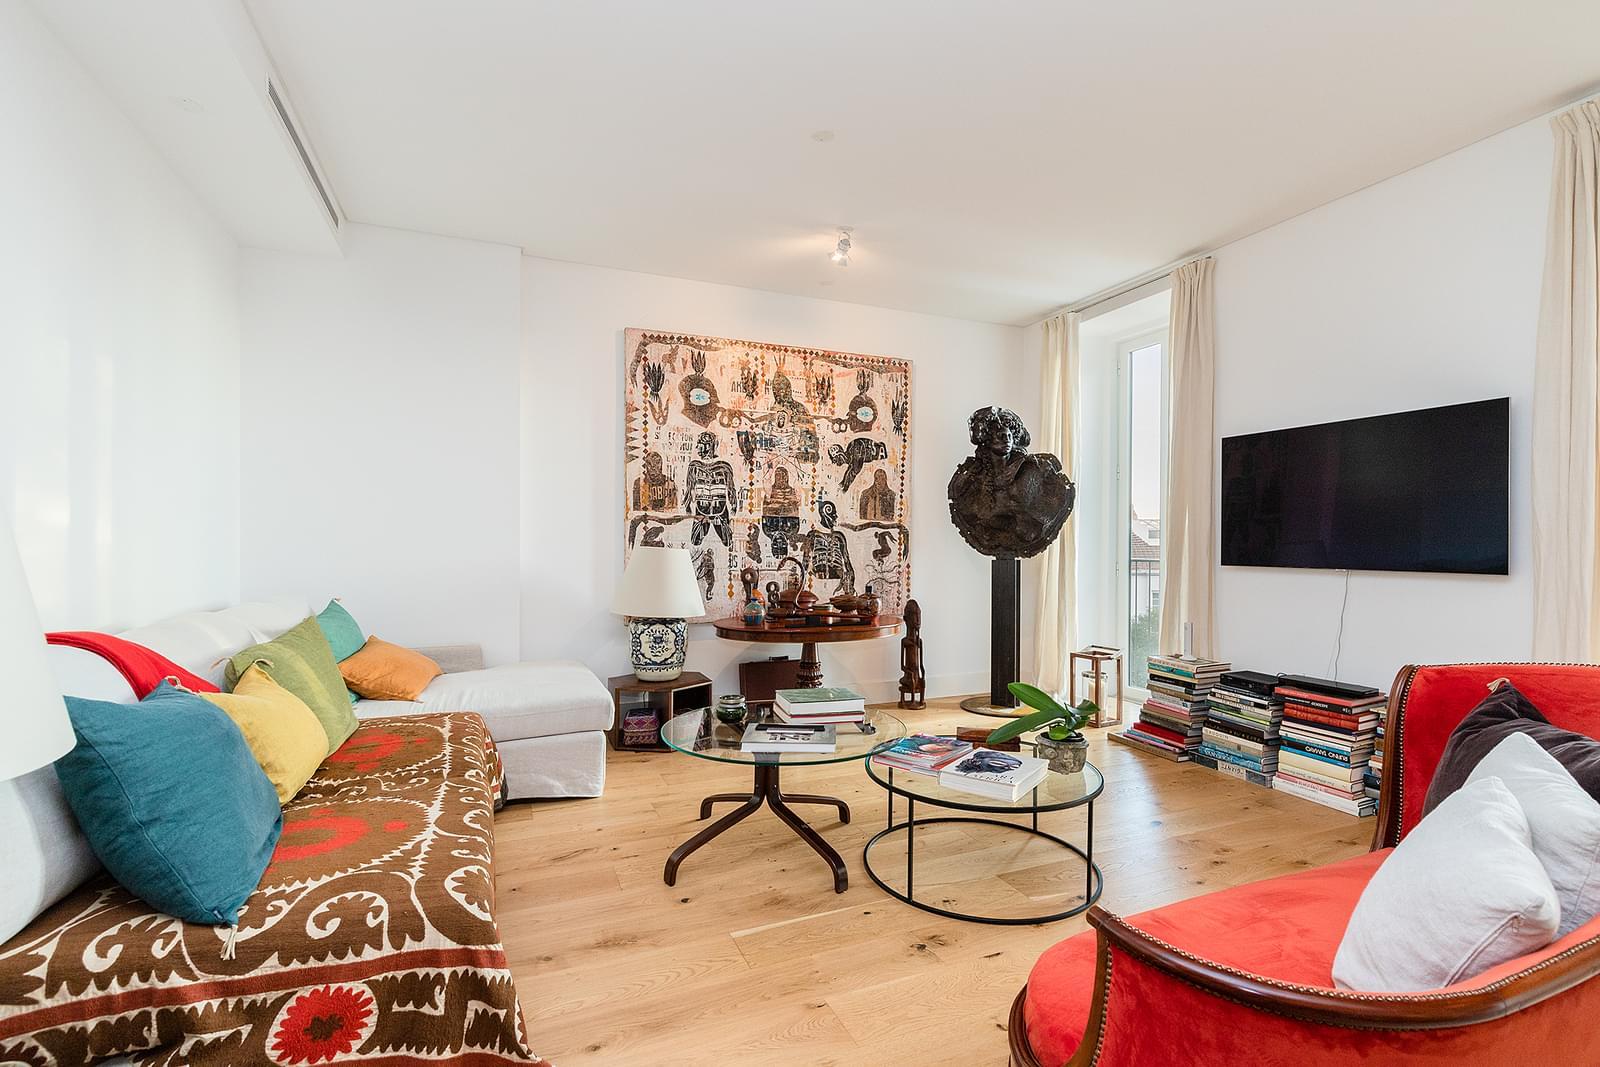 pf18824-apartamento-t2-1-lisboa-bfd0d779-2643-4fcb-993c-c4131a0d7020